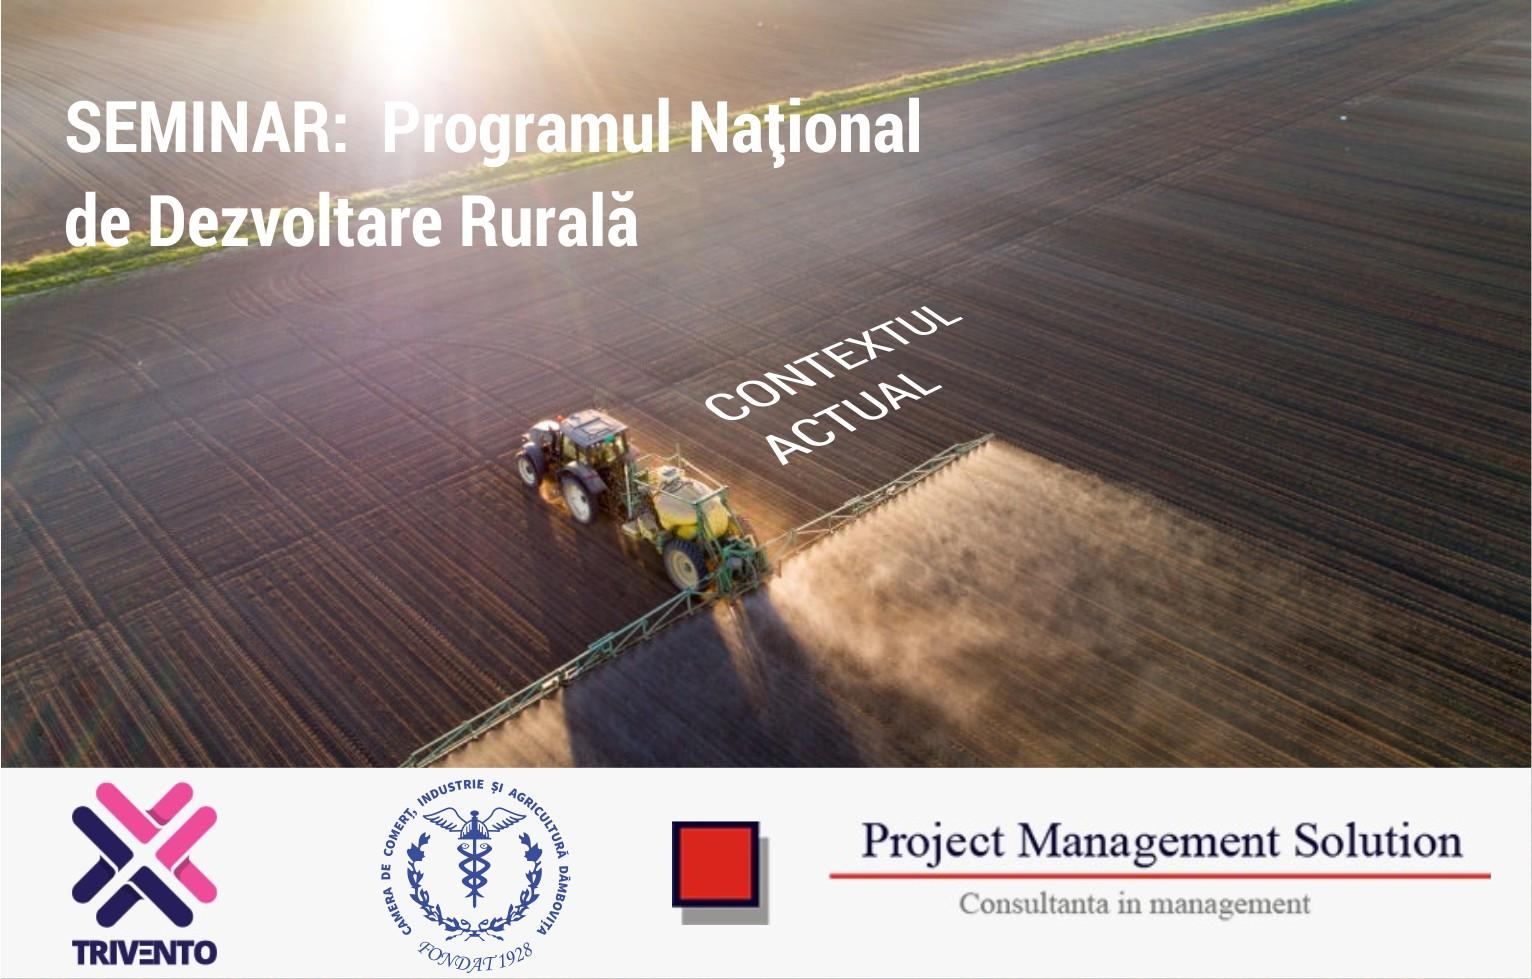 Comunicat de presă Seminarul: Programul Național de Dezvoltare Rurală – Context actual